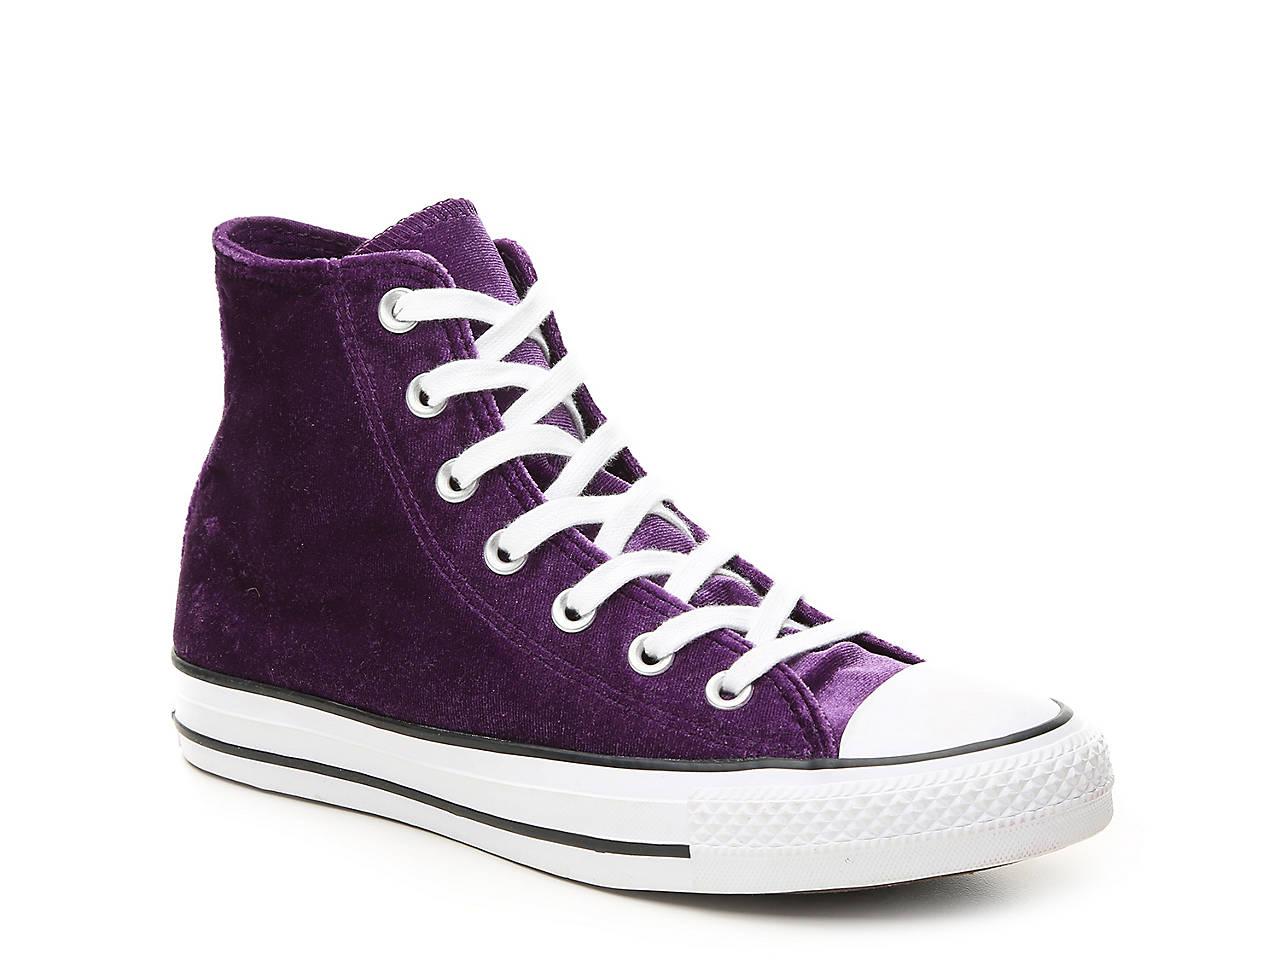 d86387e7274f Converse Chuck Taylor All Star Velvet High-Top Sneaker - Women s ...